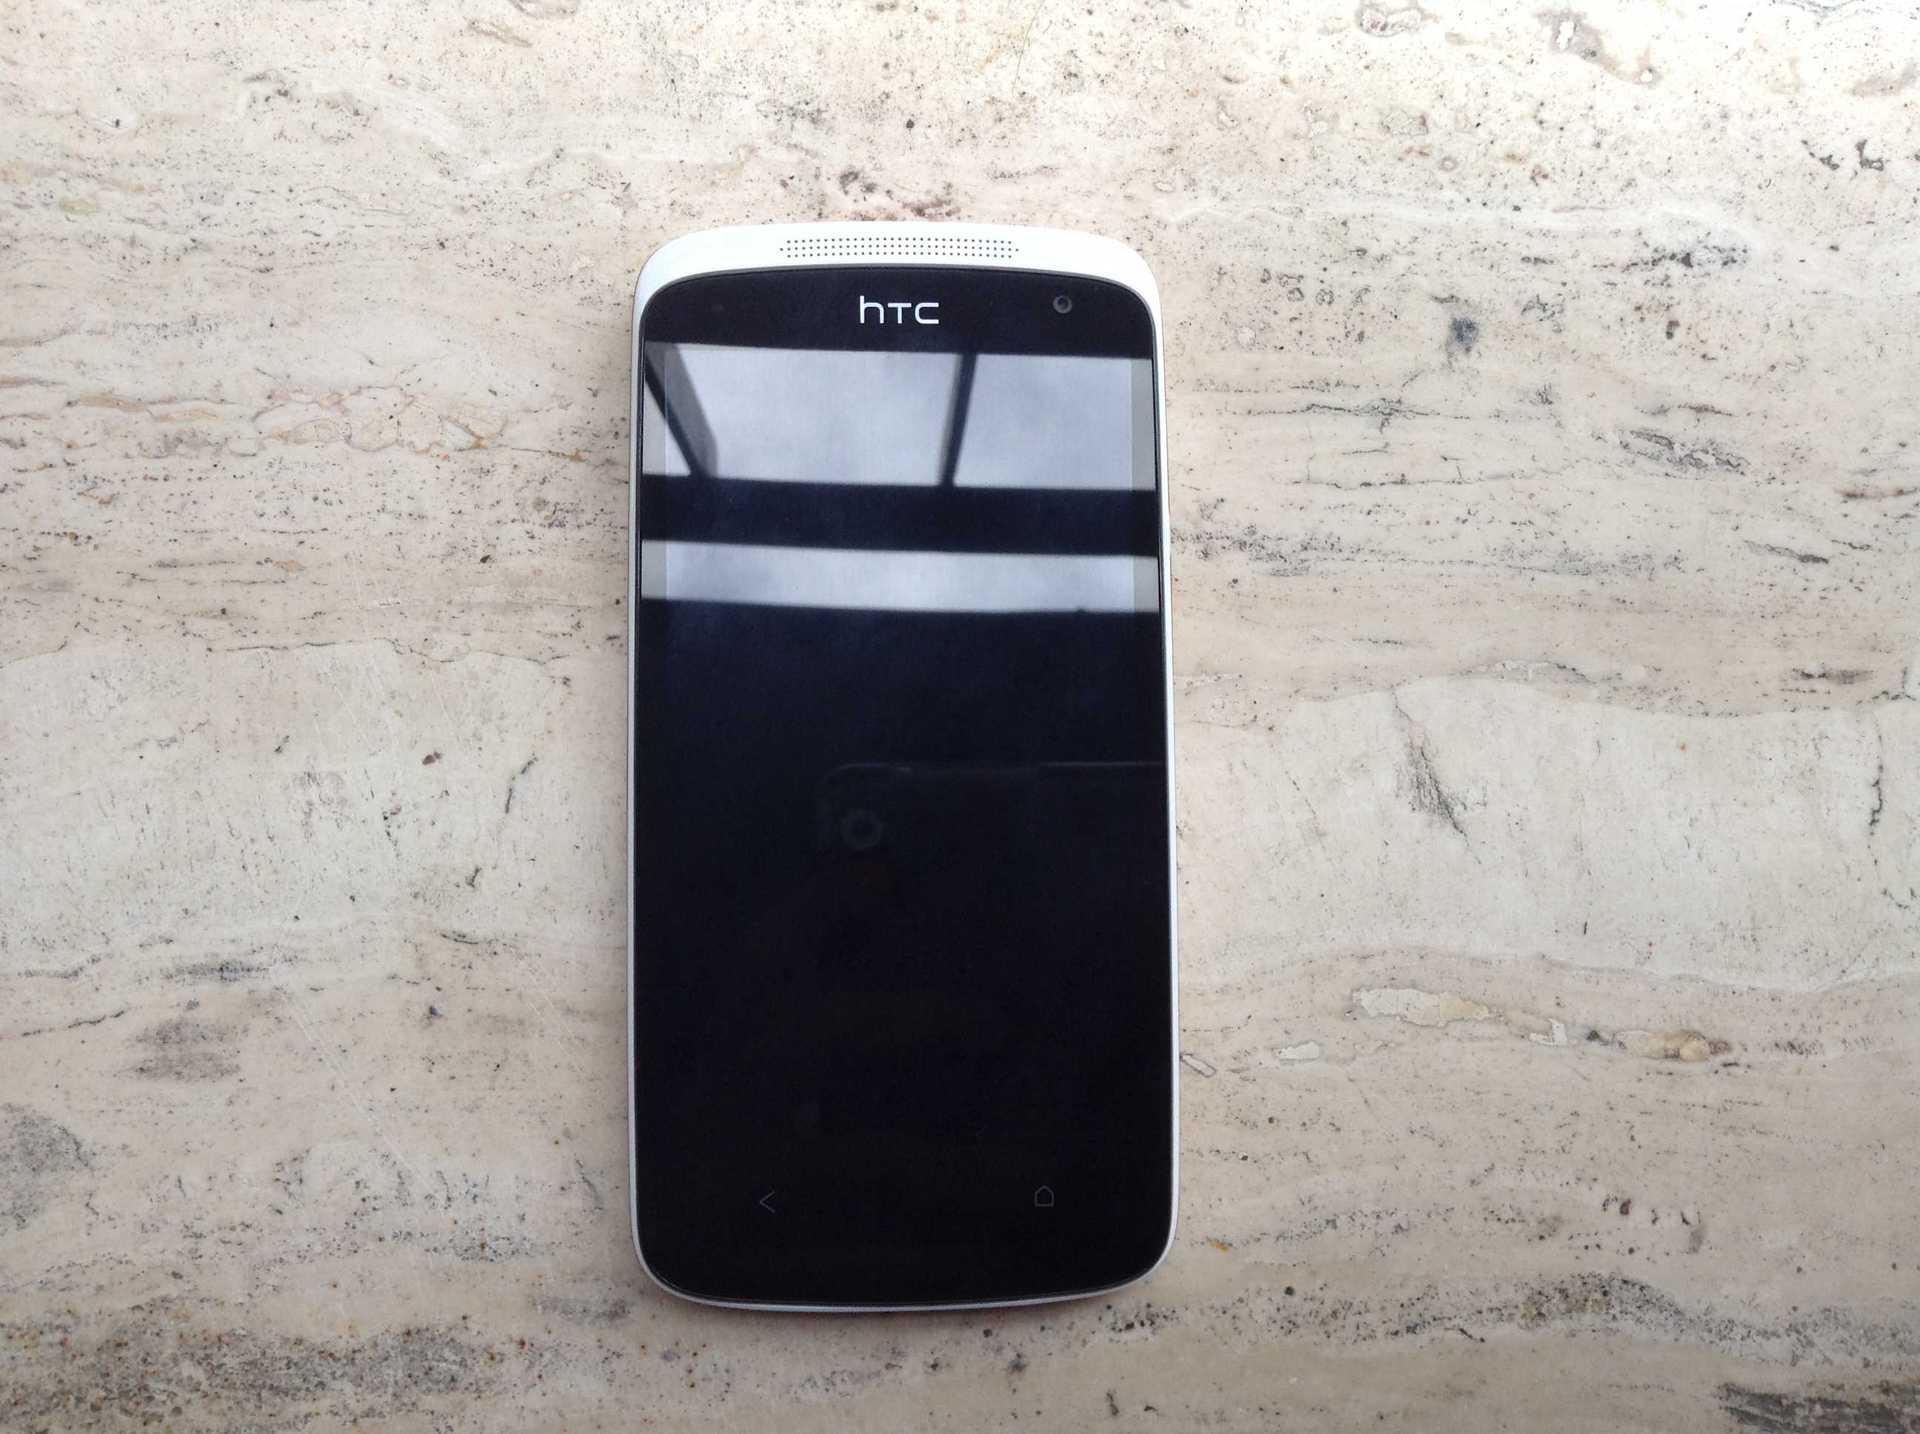 Recensione HTC Desire 500 – In prova il nuovo device di fascia media HTC